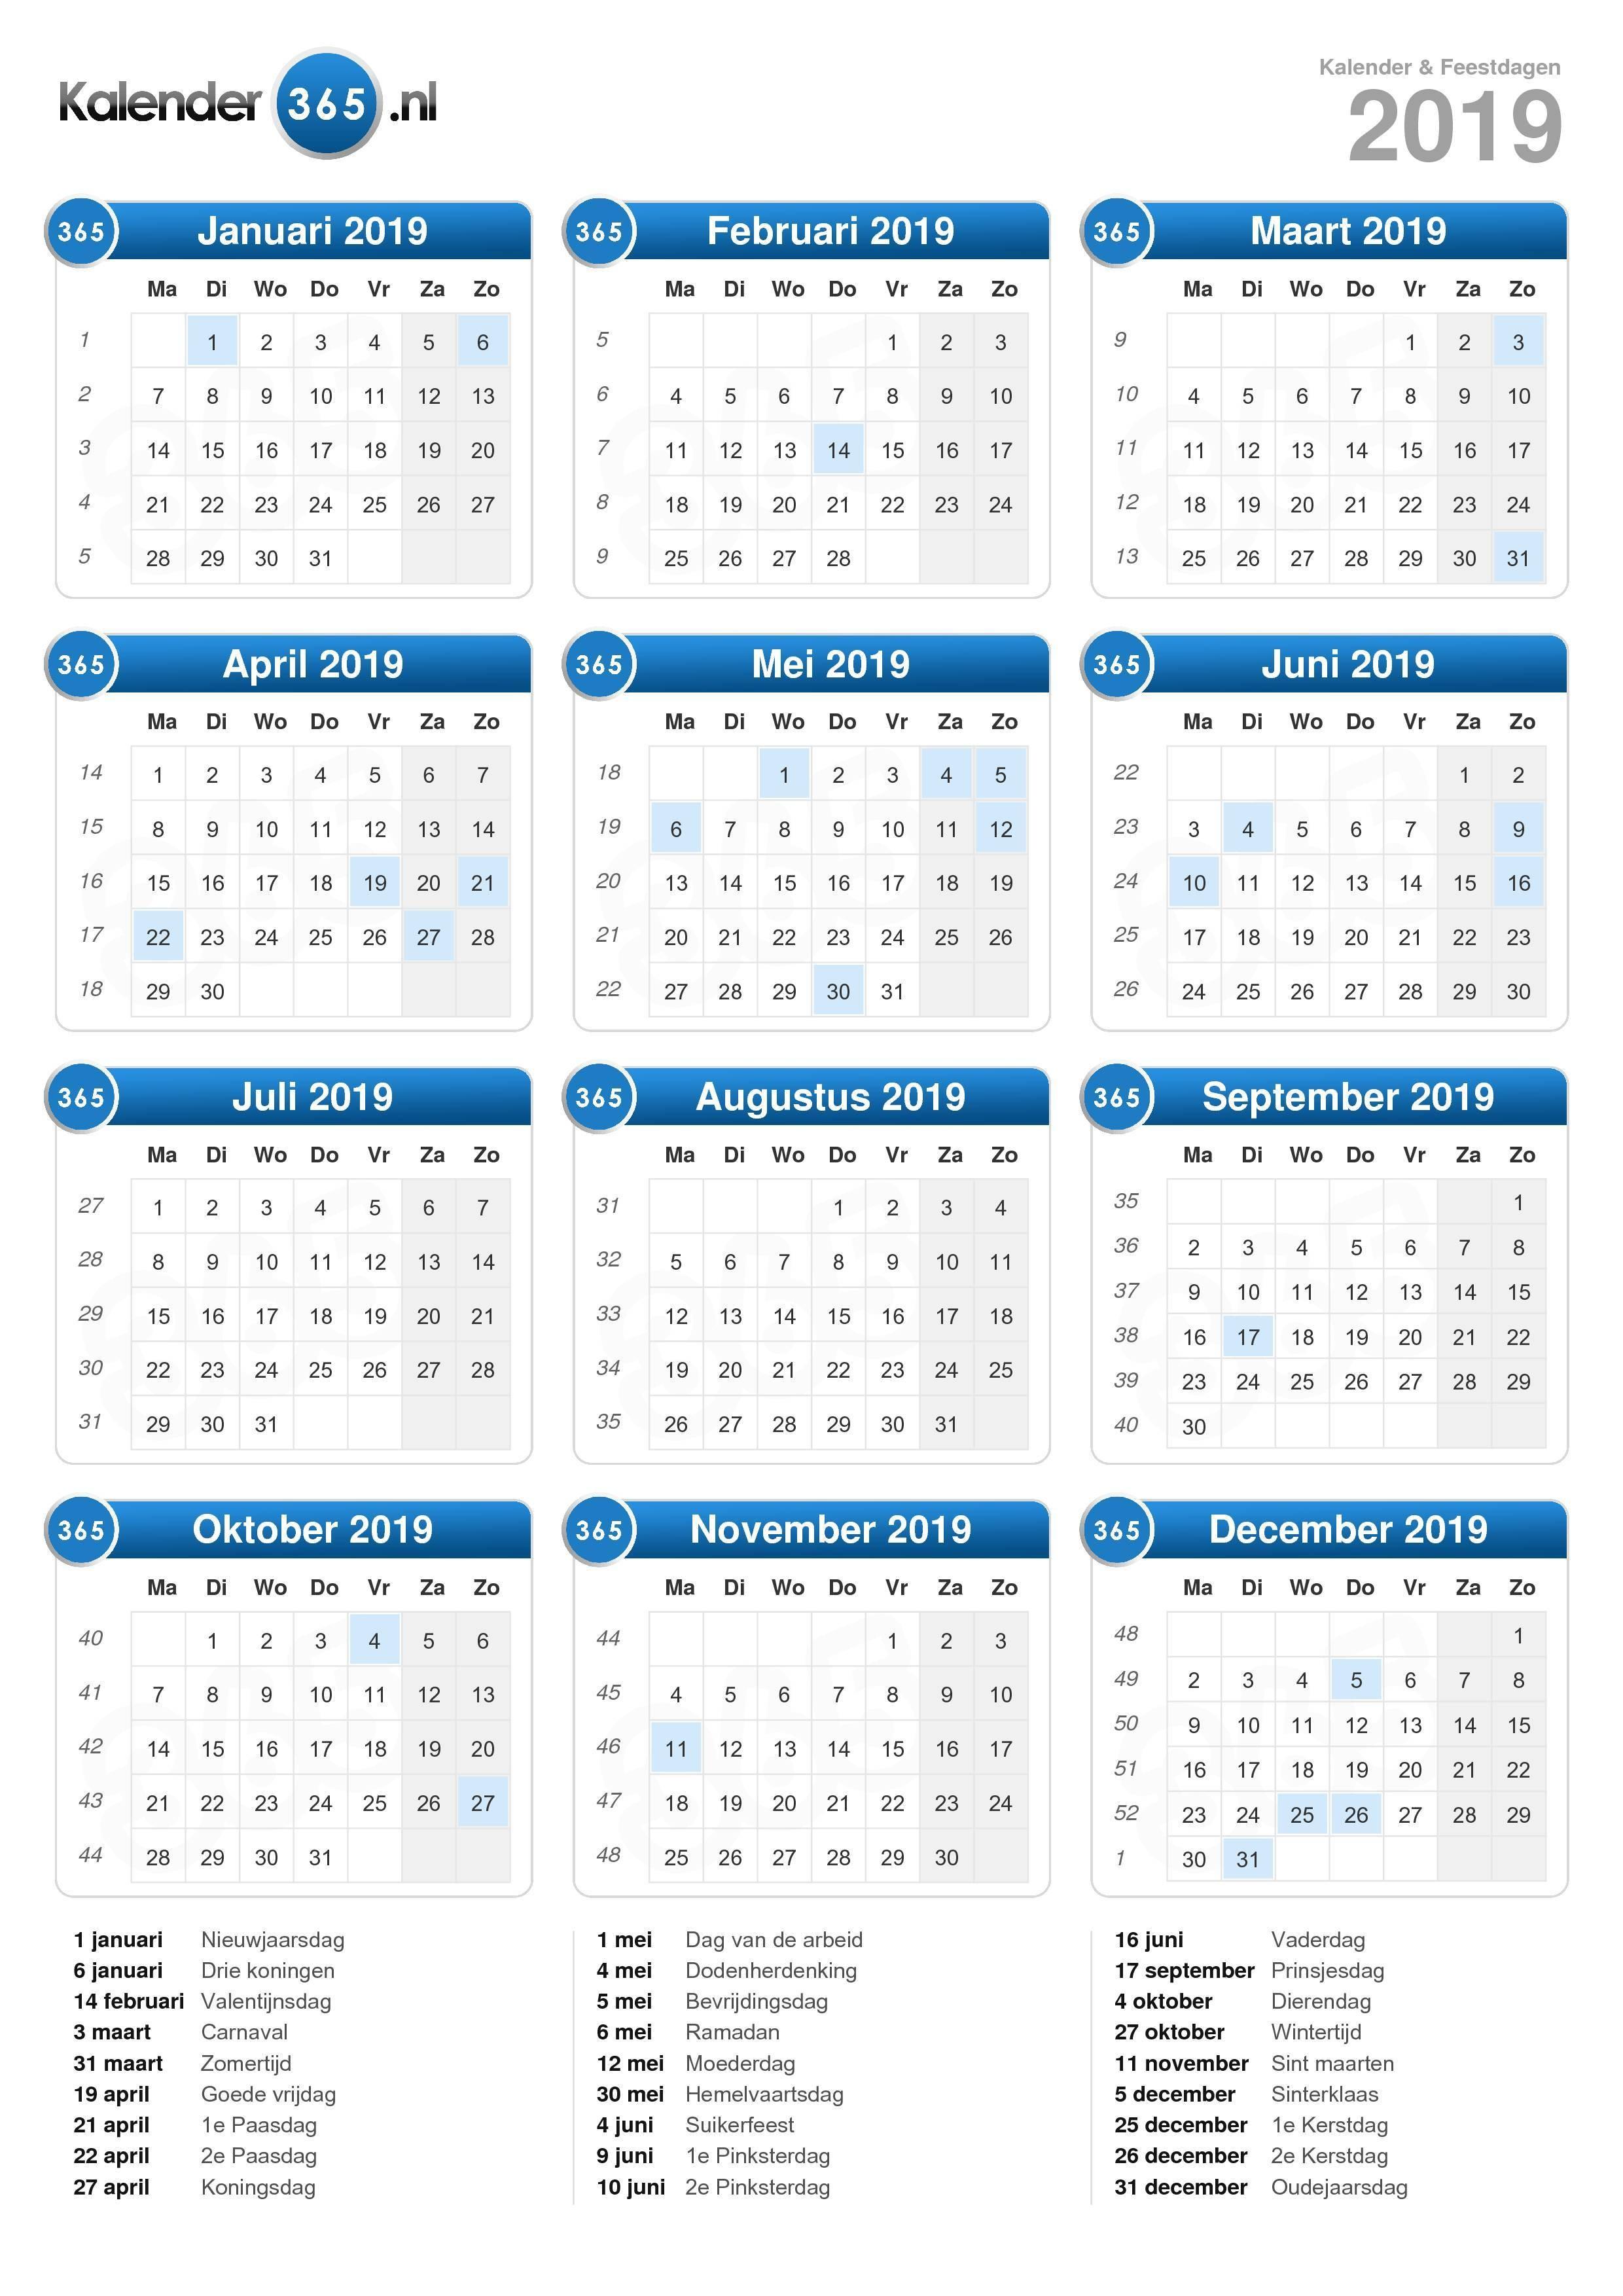 kalender 2019 staand formaat